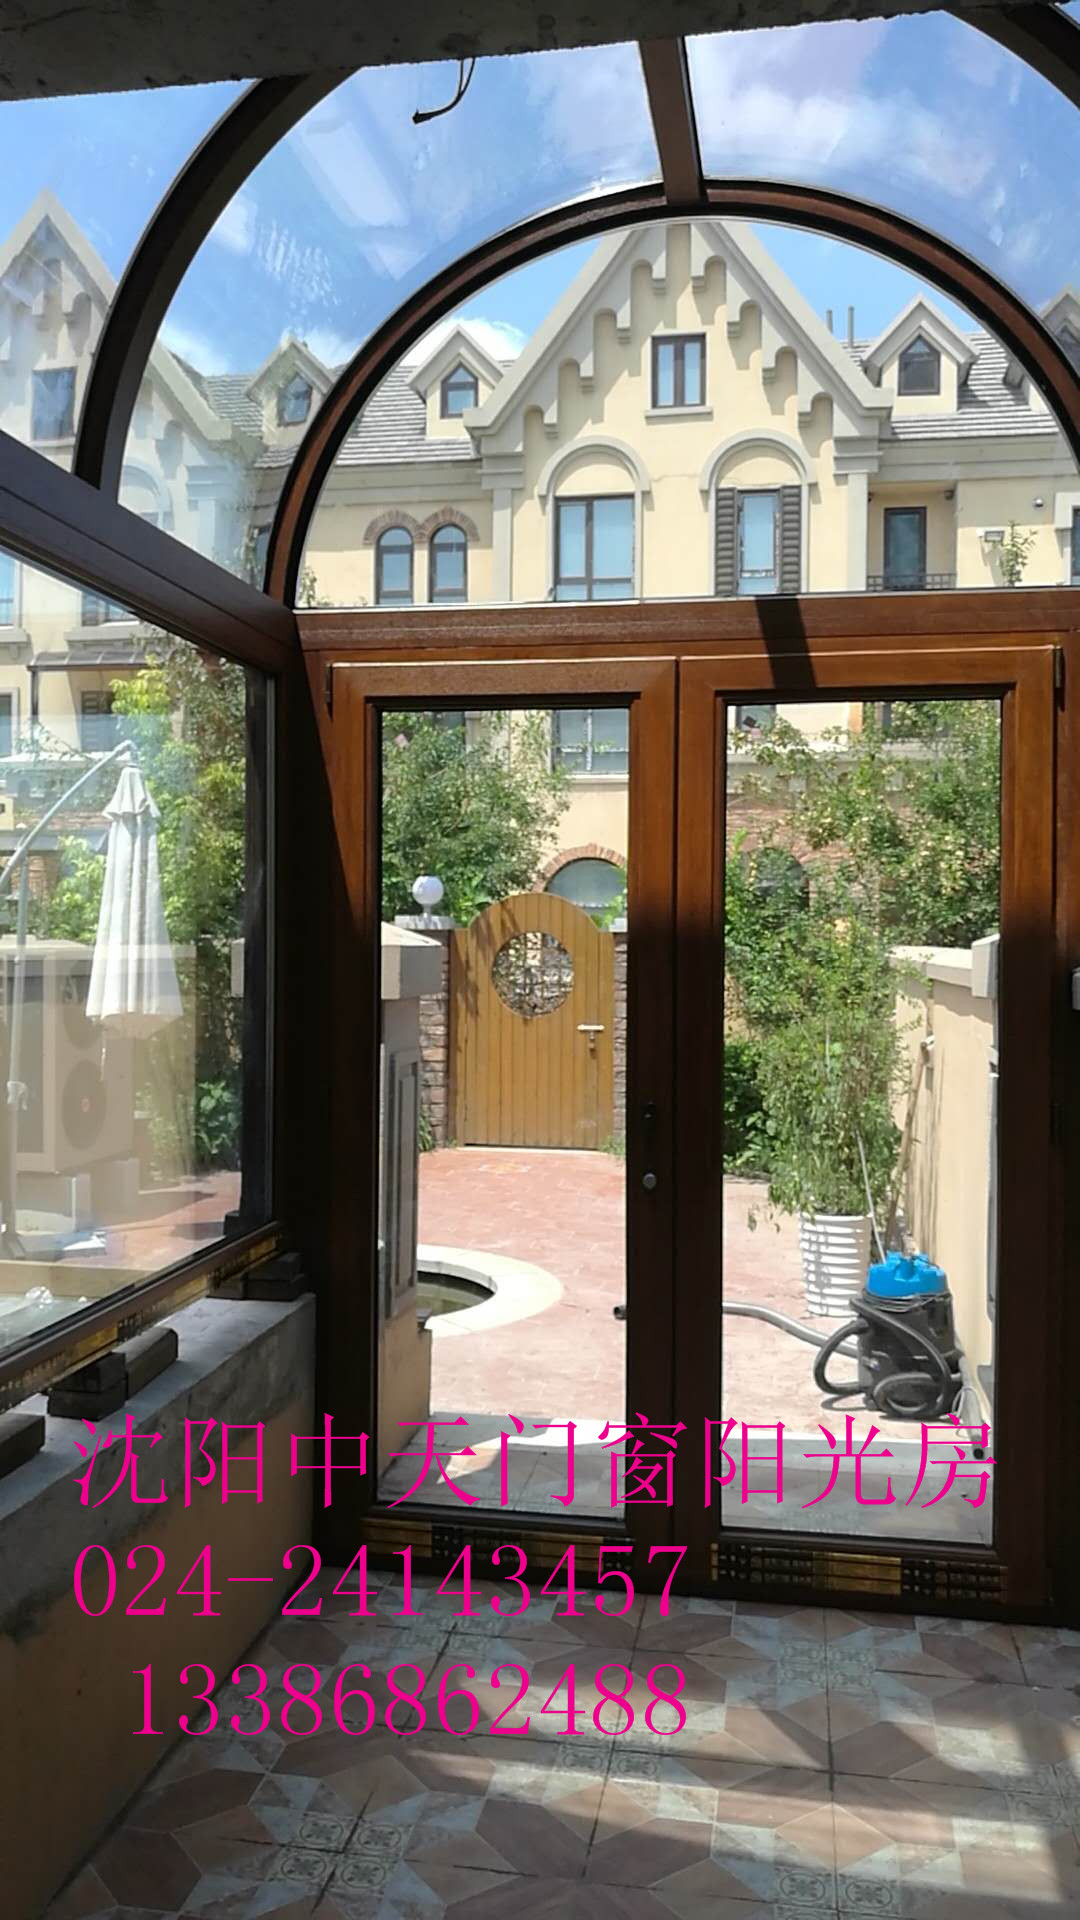 盘锦中天门窗欧式最美阳光房